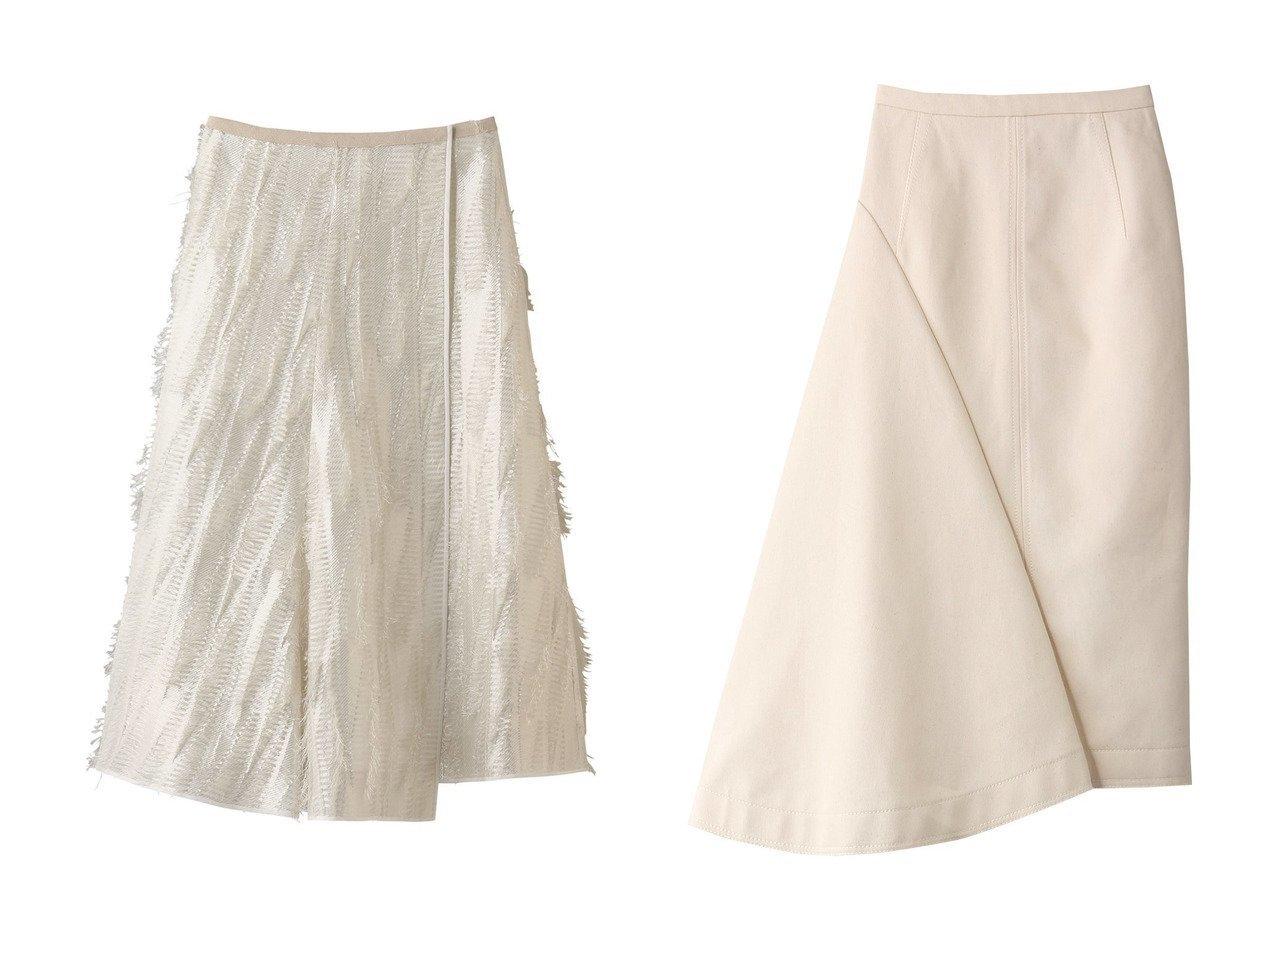 【BLAMINK/ブラミンク】のラメフリンジフレアスカート&【N°21/ヌメロ ヴェントゥーノ】のイレギュラーヘムジップアップスカート 【スカート】おすすめ!人気、トレンド・レディースファッションの通販  おすすめで人気の流行・トレンド、ファッションの通販商品 メンズファッション・キッズファッション・インテリア・家具・レディースファッション・服の通販 founy(ファニー) https://founy.com/ ファッション Fashion レディースファッション WOMEN スカート Skirt Aライン/フレアスカート Flared A-Line Skirts ロングスカート Long Skirt フレア ロング S/S・春夏 SS・Spring/Summer イレギュラー タイトスカート 春 Spring |ID:crp329100000038312